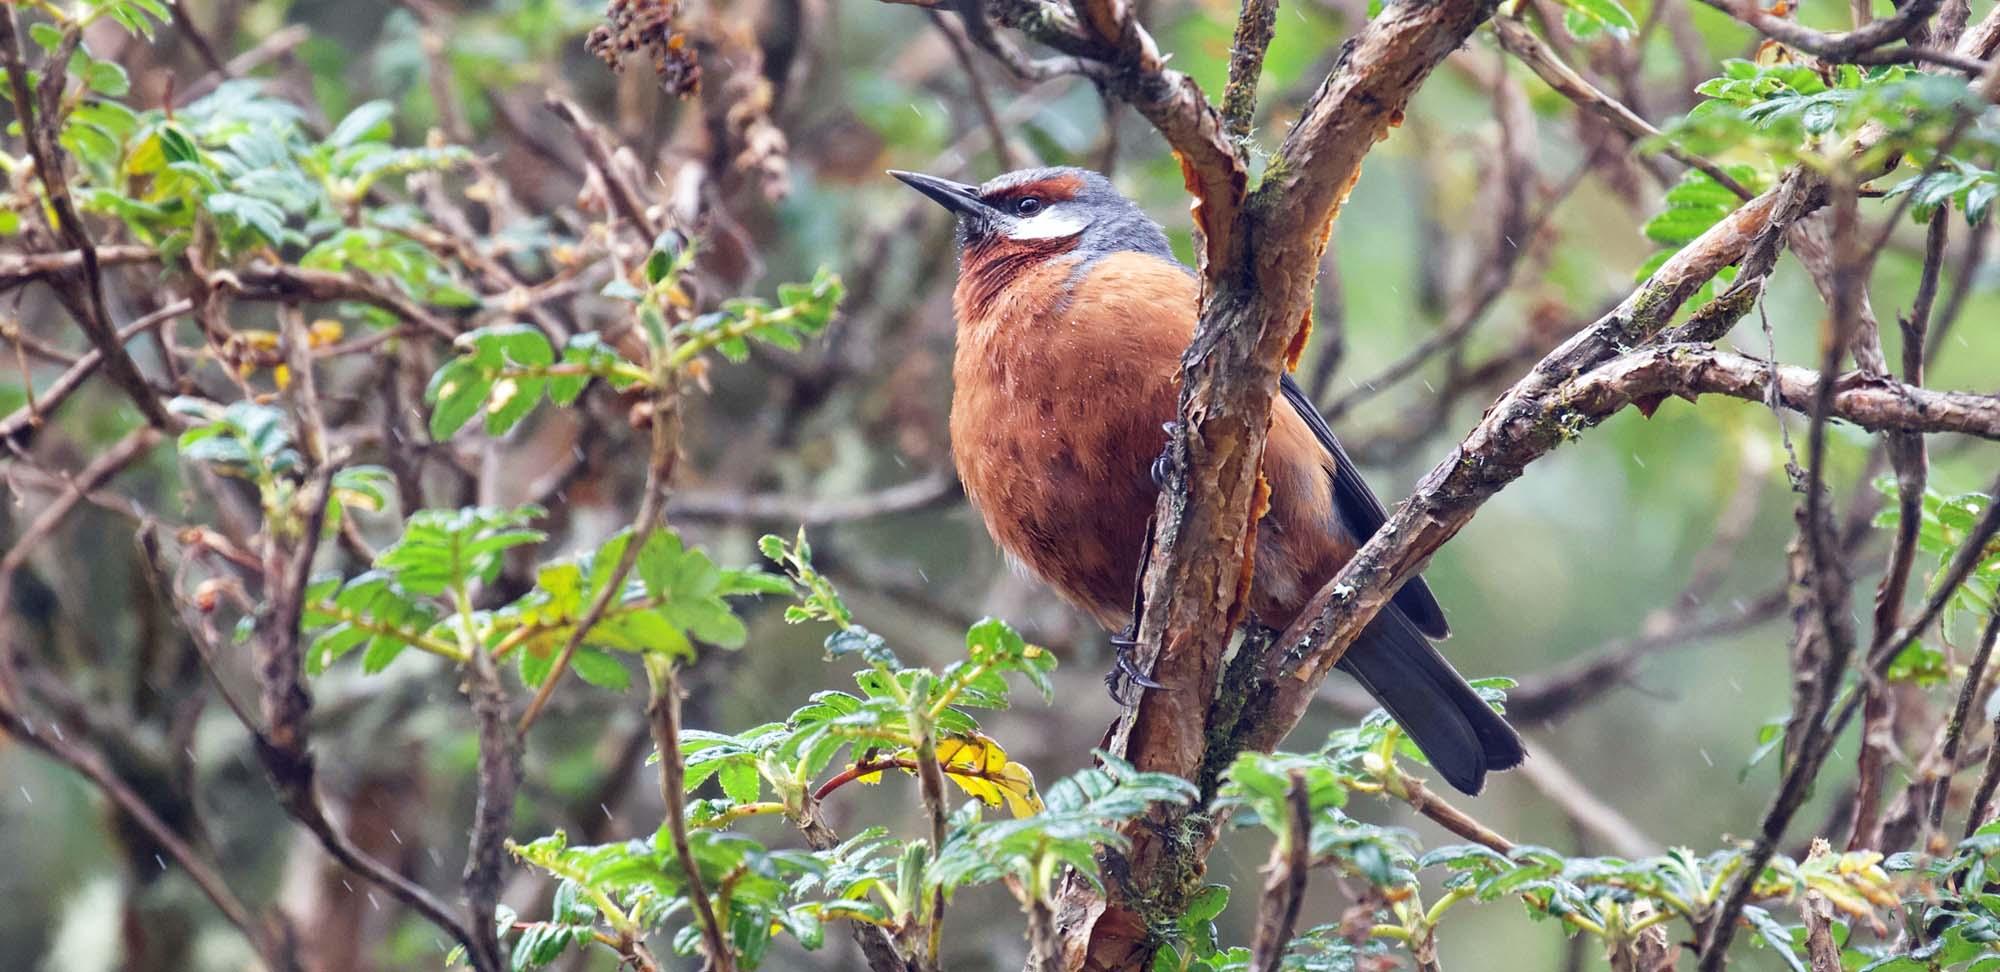 Giant Conebill Field Guides Birding Tours Ecuador